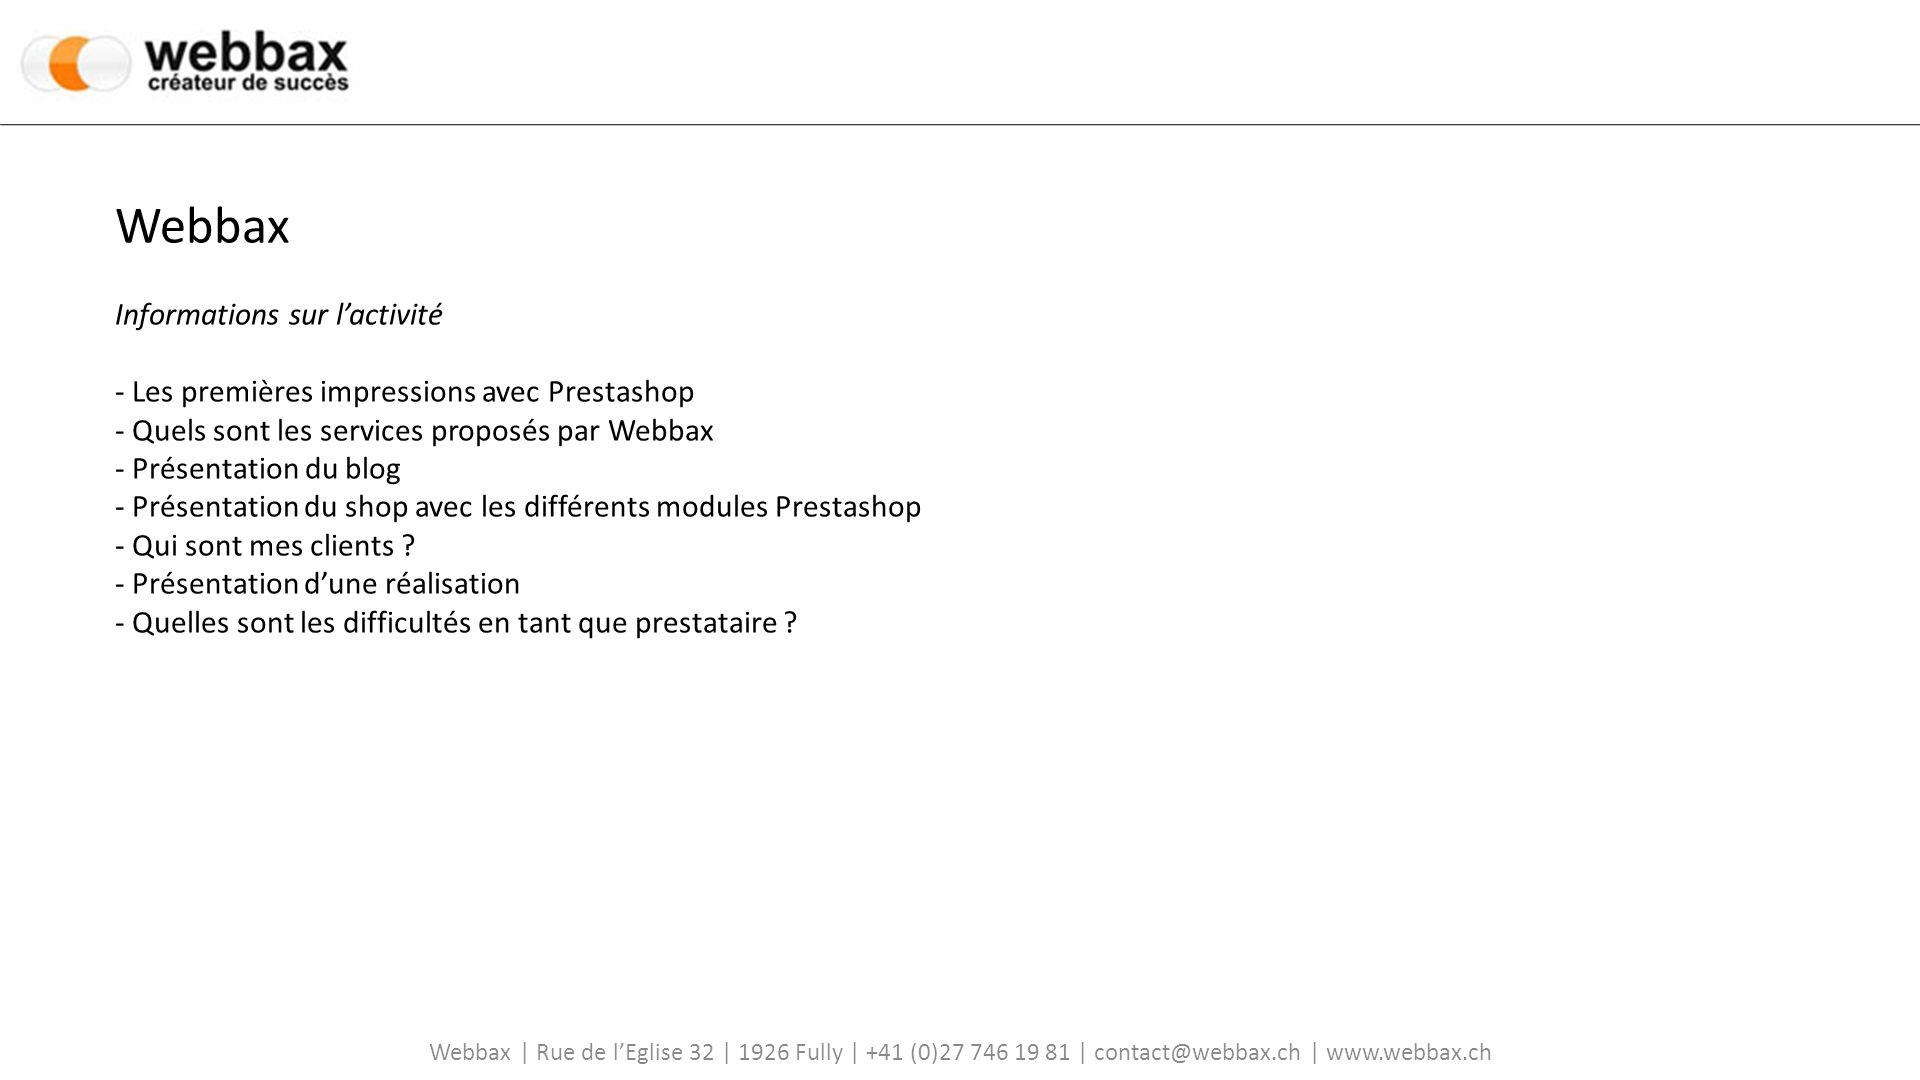 Webbax | Rue de lEglise 32 | 1926 Fully | +41 (0)27 746 19 81 | contact@webbax.ch | www.webbax.ch Webbax Informations sur lactivité - Les premières impressions avec Prestashop - Quels sont les services proposés par Webbax - Présentation du blog - Présentation du shop avec les différents modules Prestashop - Qui sont mes clients .